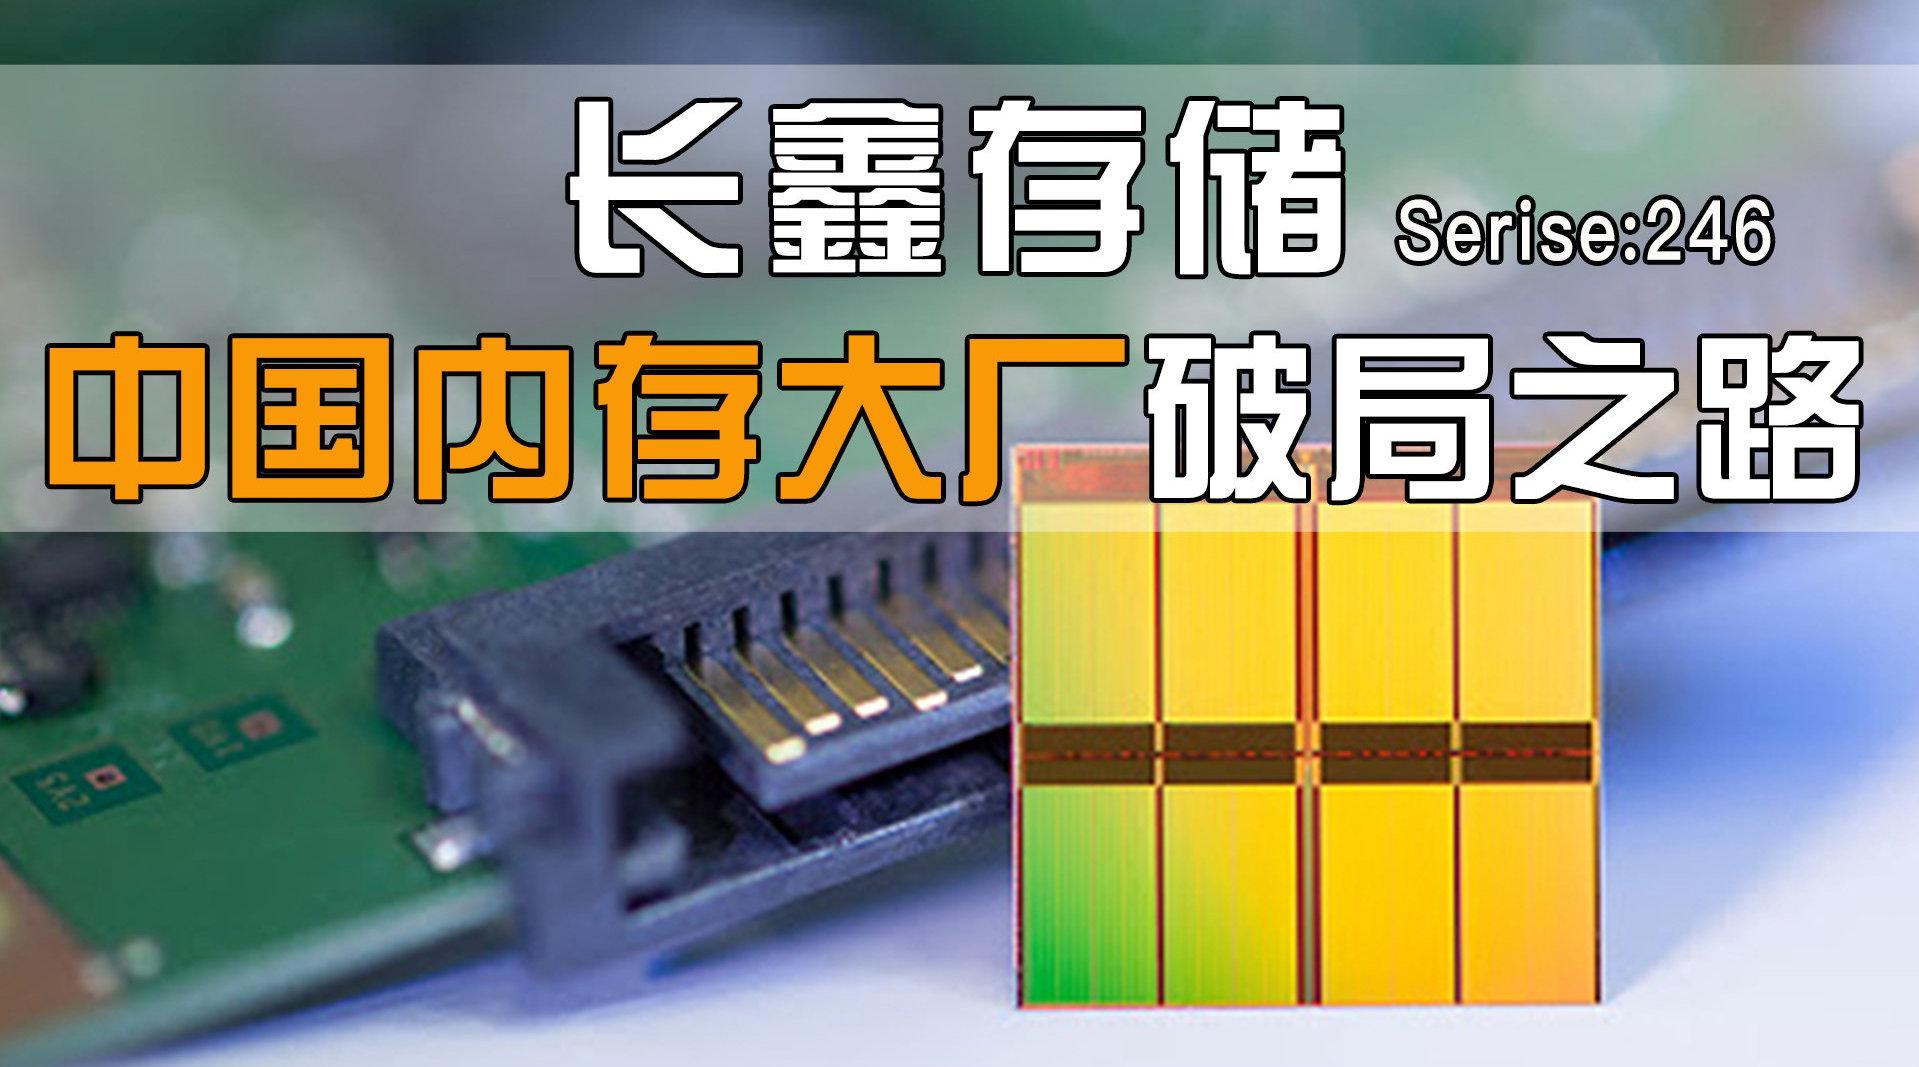 仅两年量产19nm内存,打破美韩技术垄断,中国长鑫的芯片破局之路